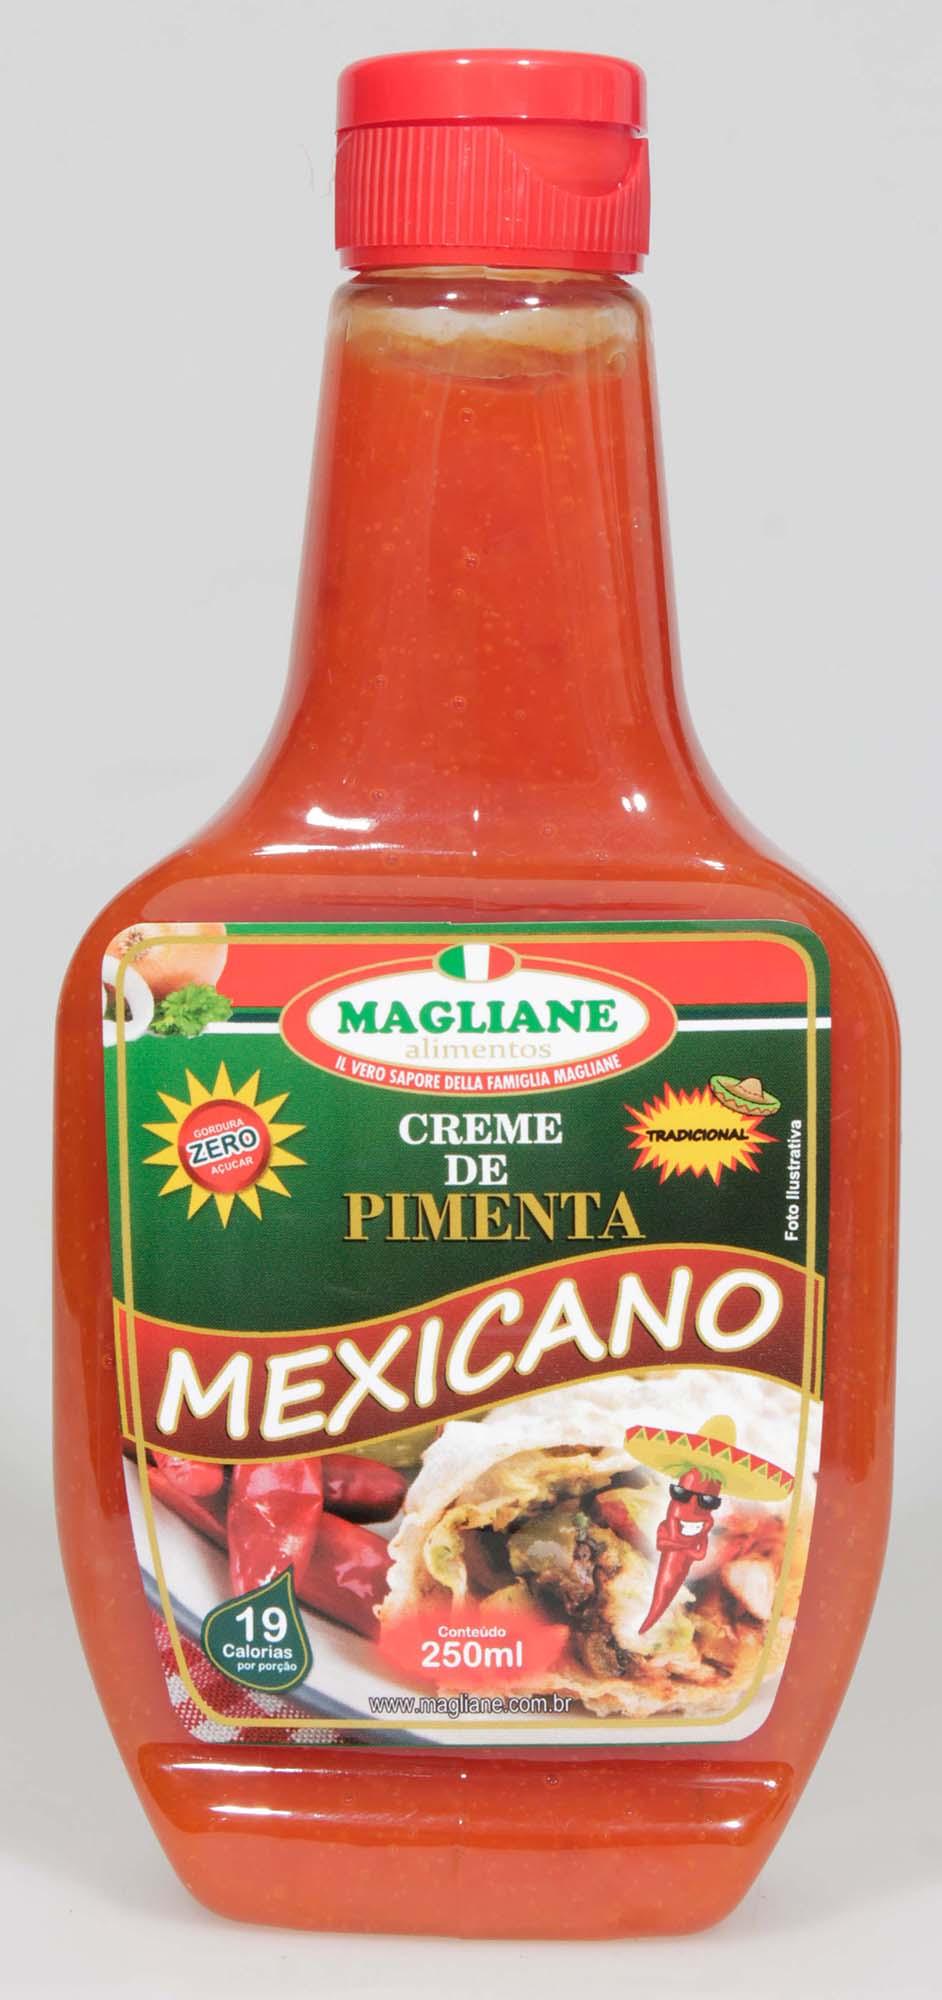 CREME PIMENTA MEXICANO TRADICIONAL MAGLIANE 250G X 24UN